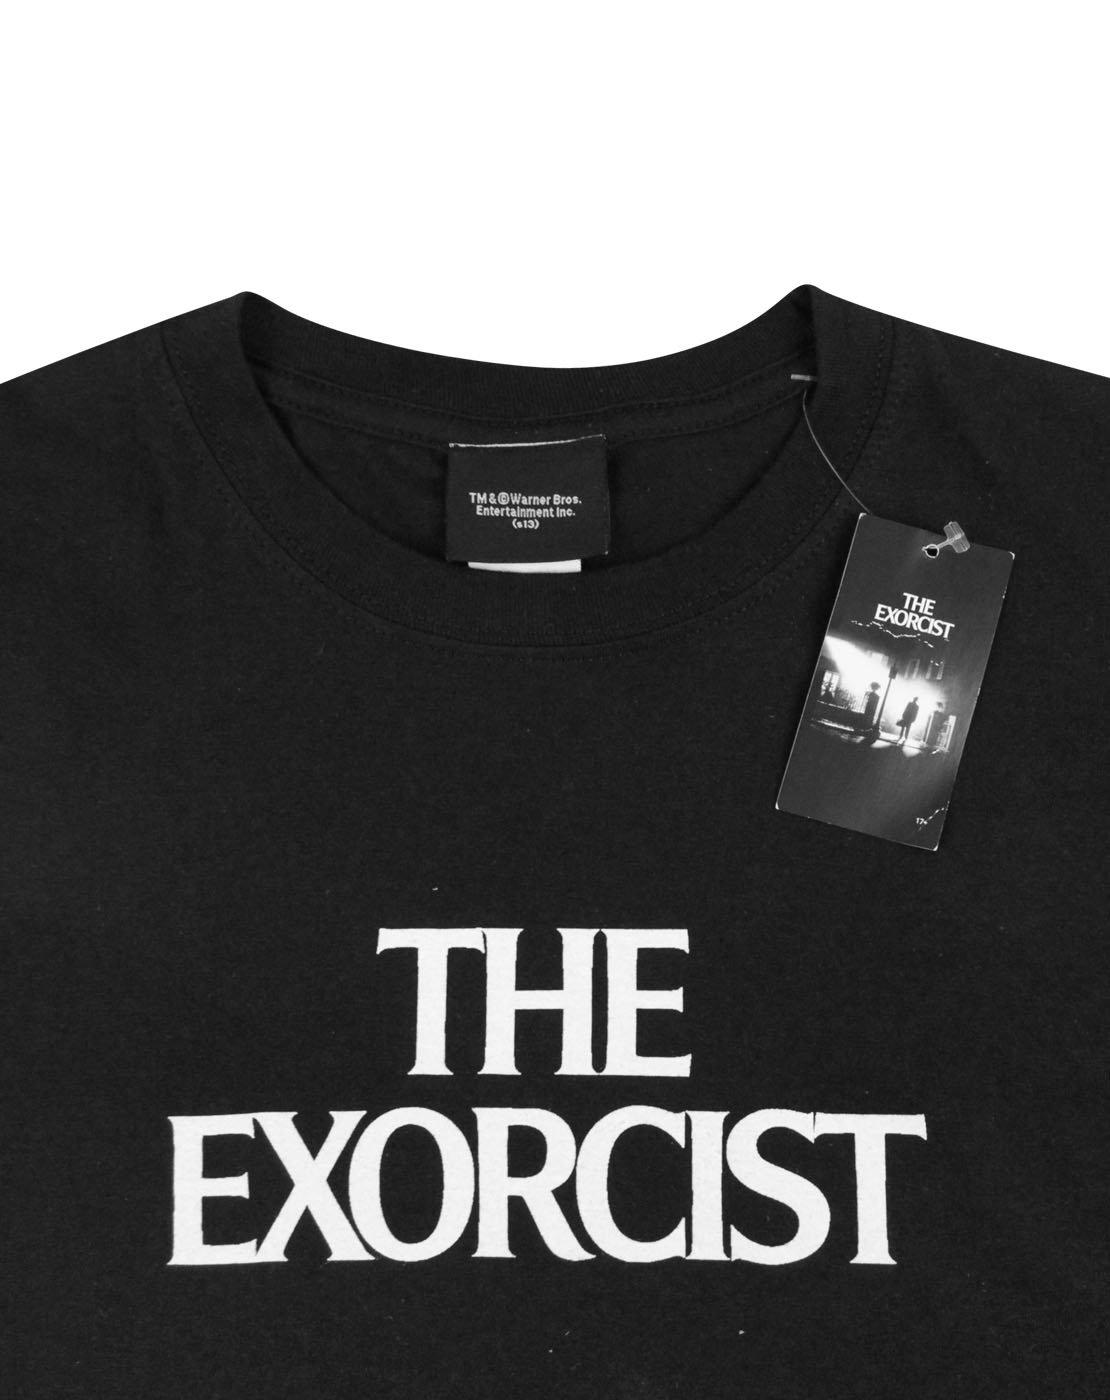 Exorcist Hombres Camiseta 6